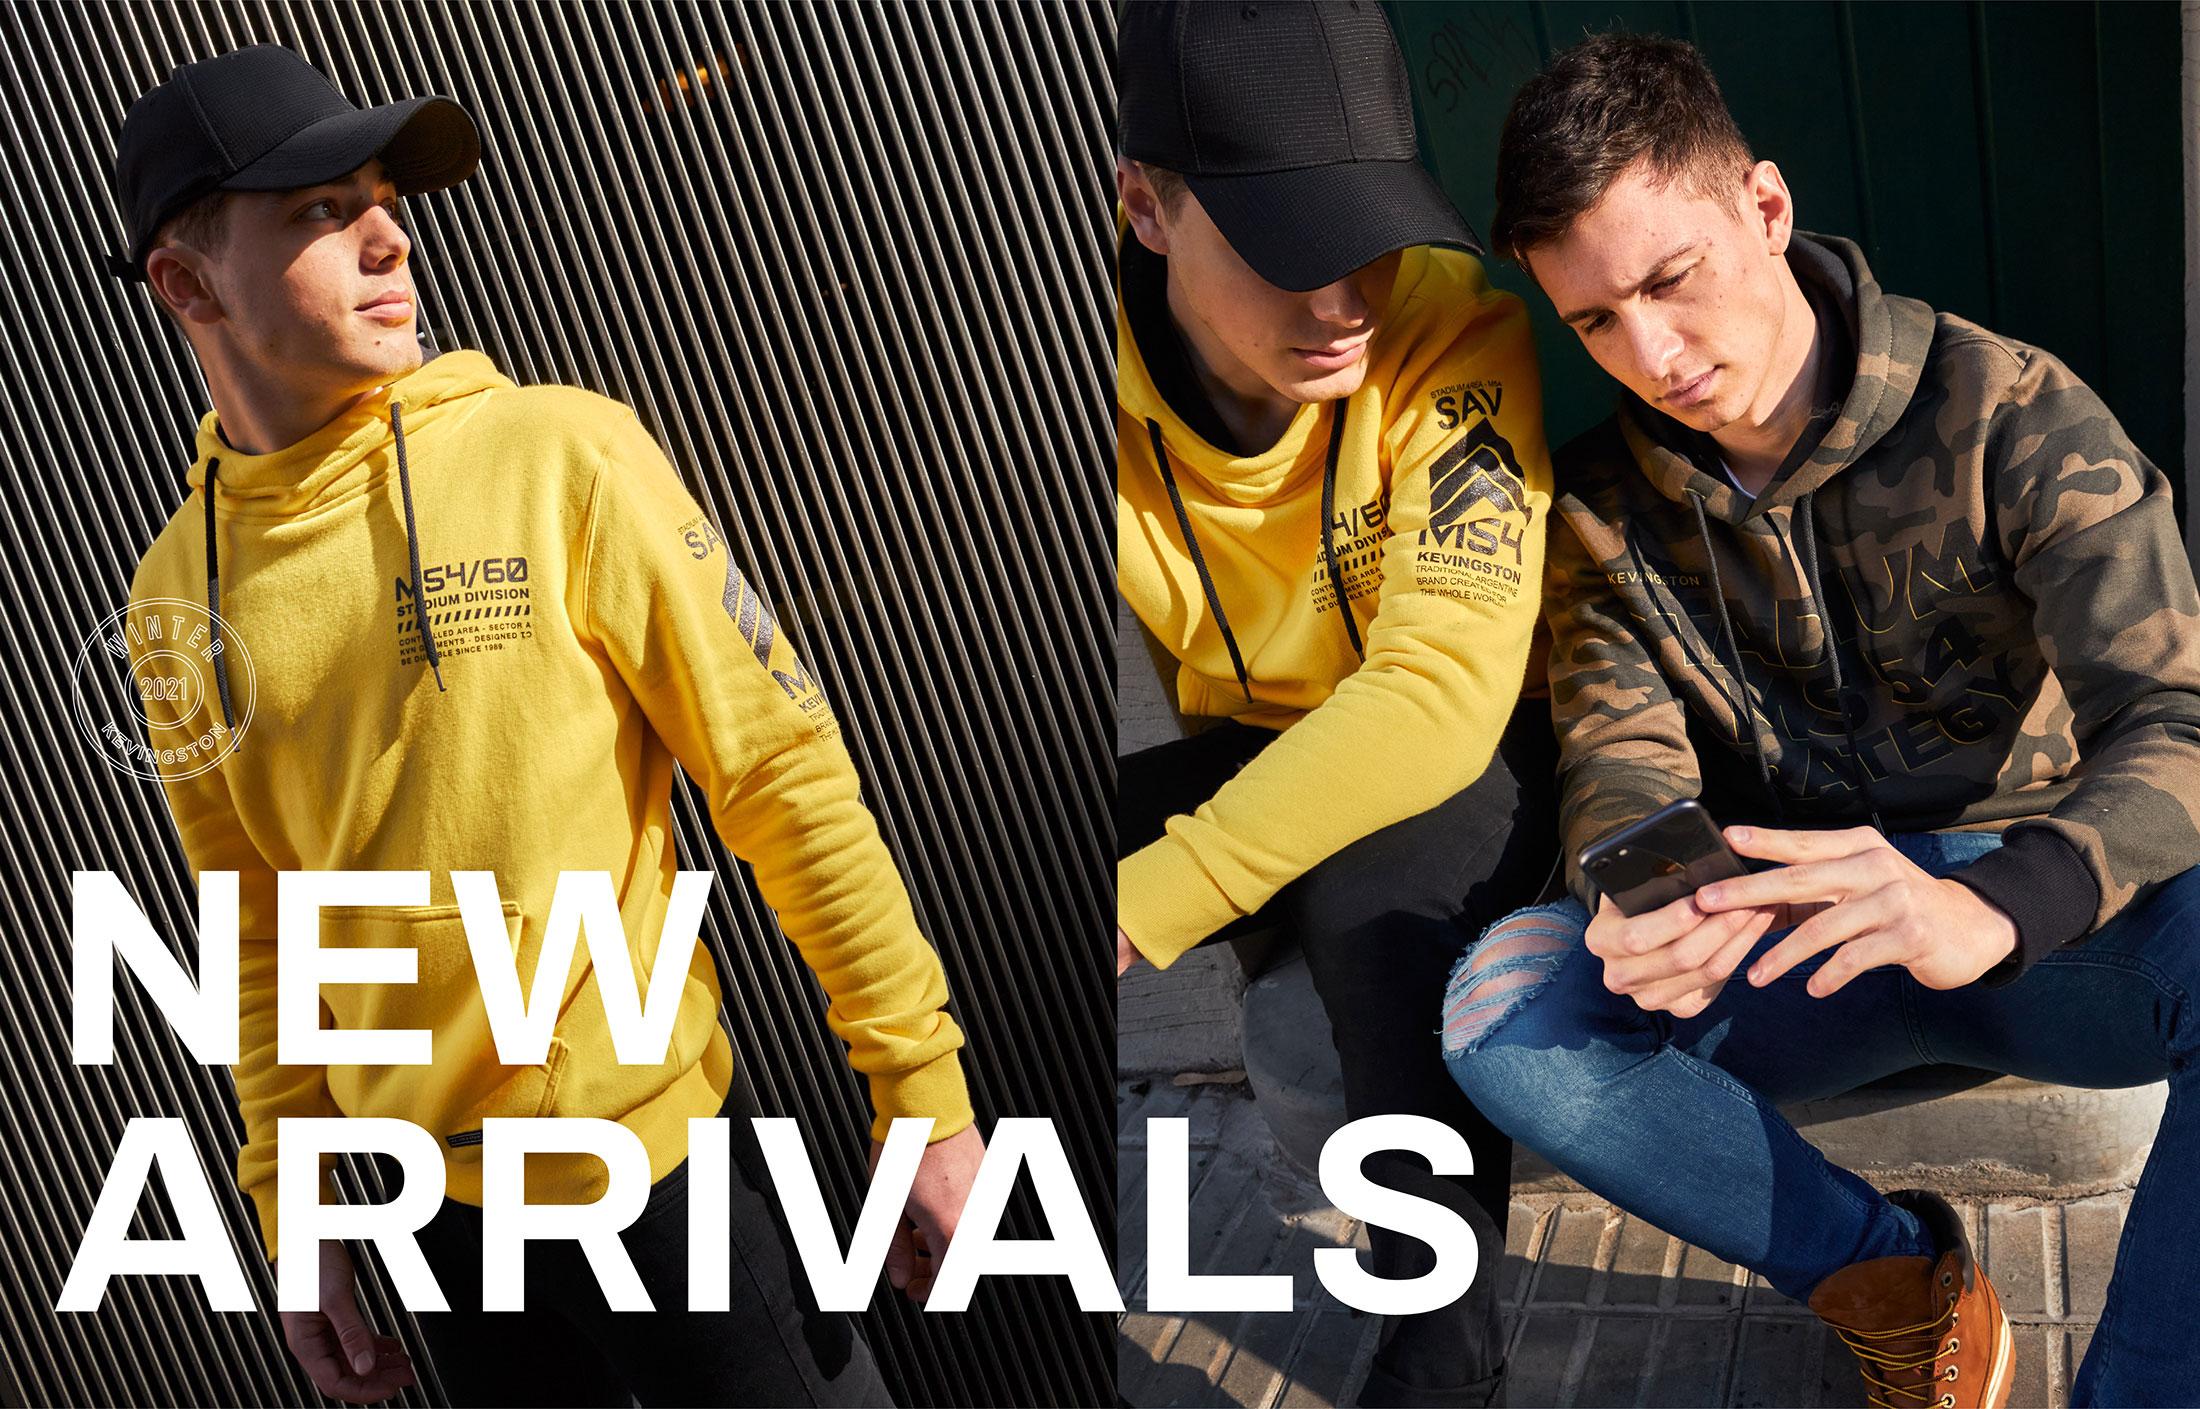 Coleccion Teens New Arrivals